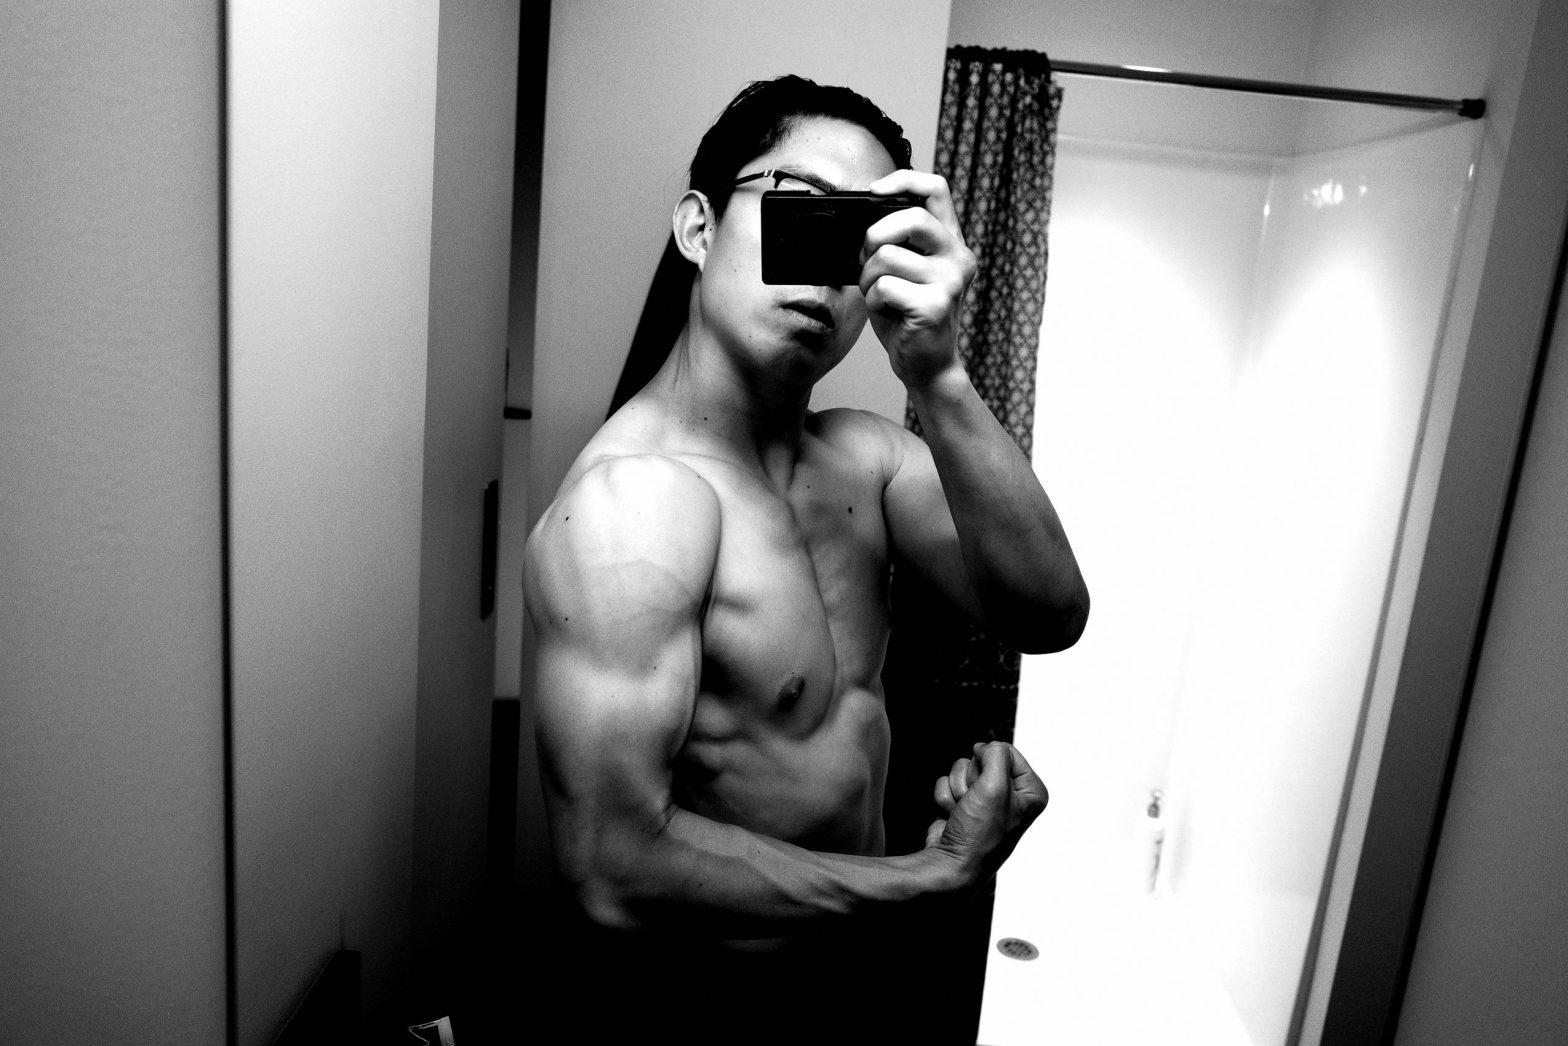 Flex front Ricoh muscle